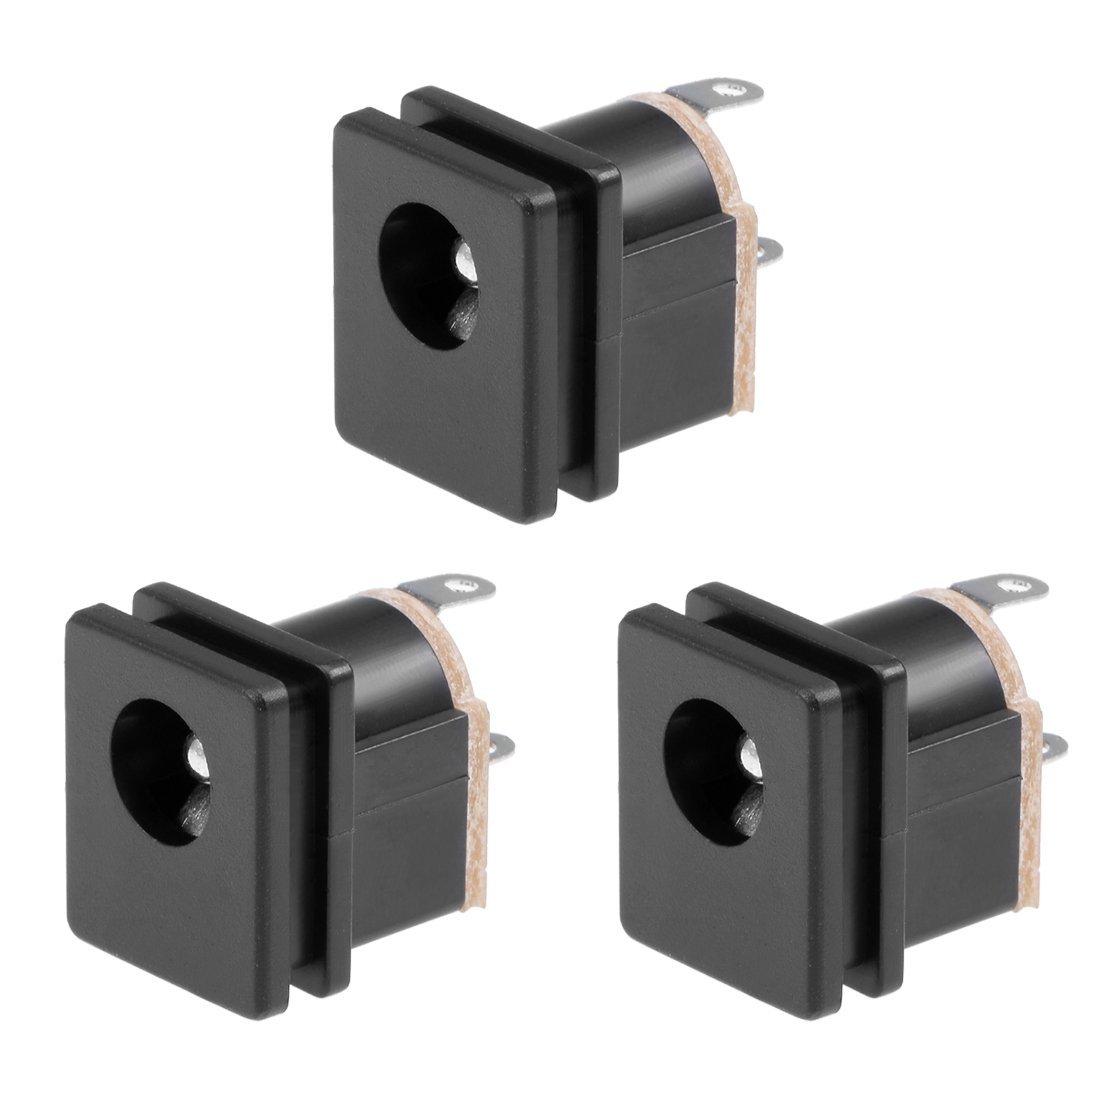 eDealMax 3個PCBマウントDC015 5.5mm x 2.5mm 3ピンオーディオビデオDC電源コネクタソケットブラック   B07SYHS3GD